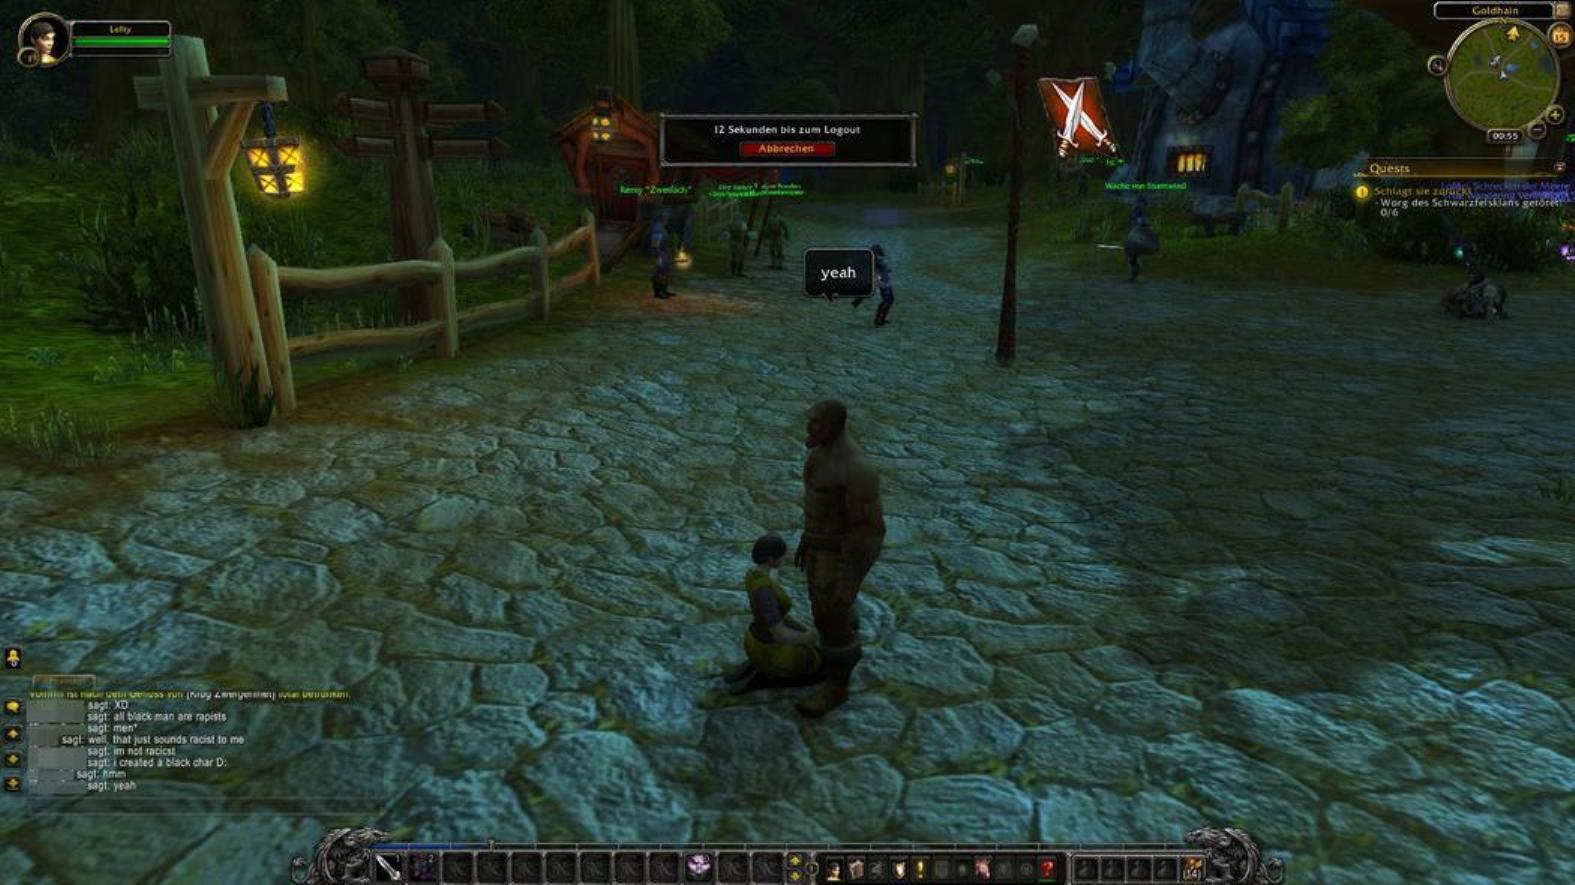 monde de la vidéo de sexe de Warcraft les adolescents qui veulent le sexe